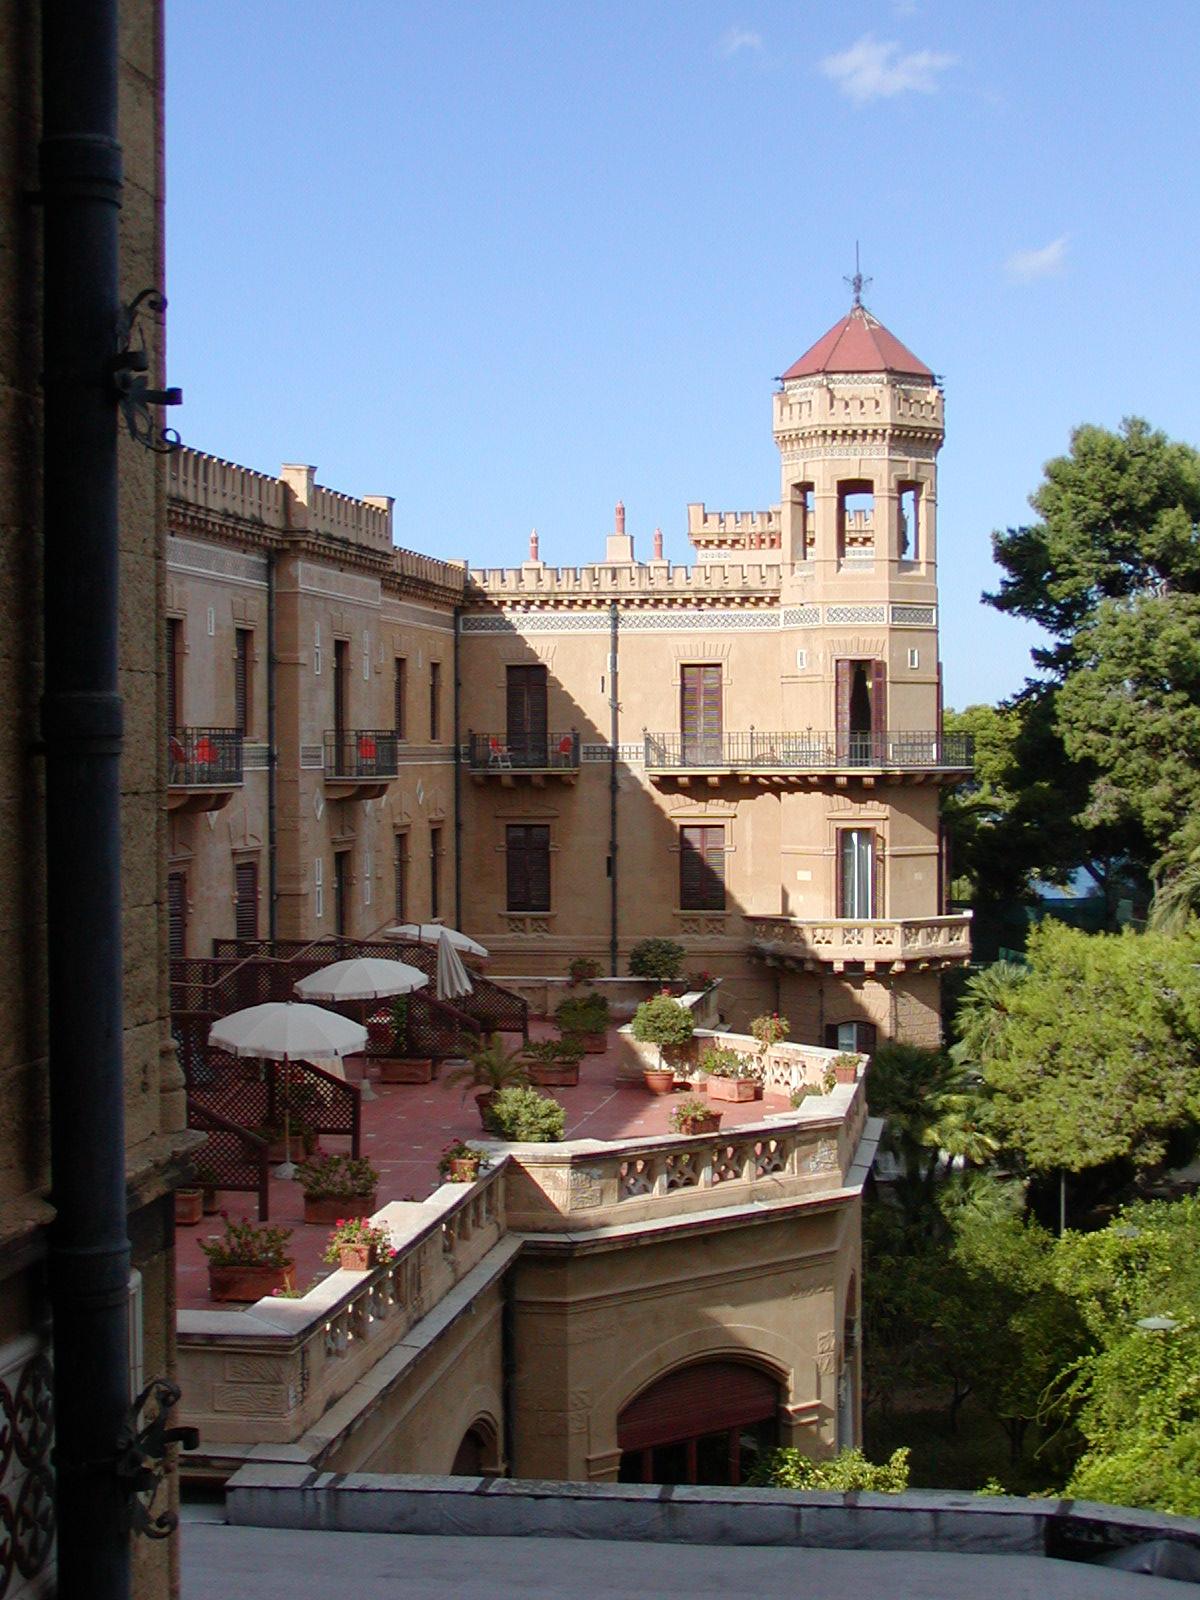 Villa Igiea - 2001-09-11-162653